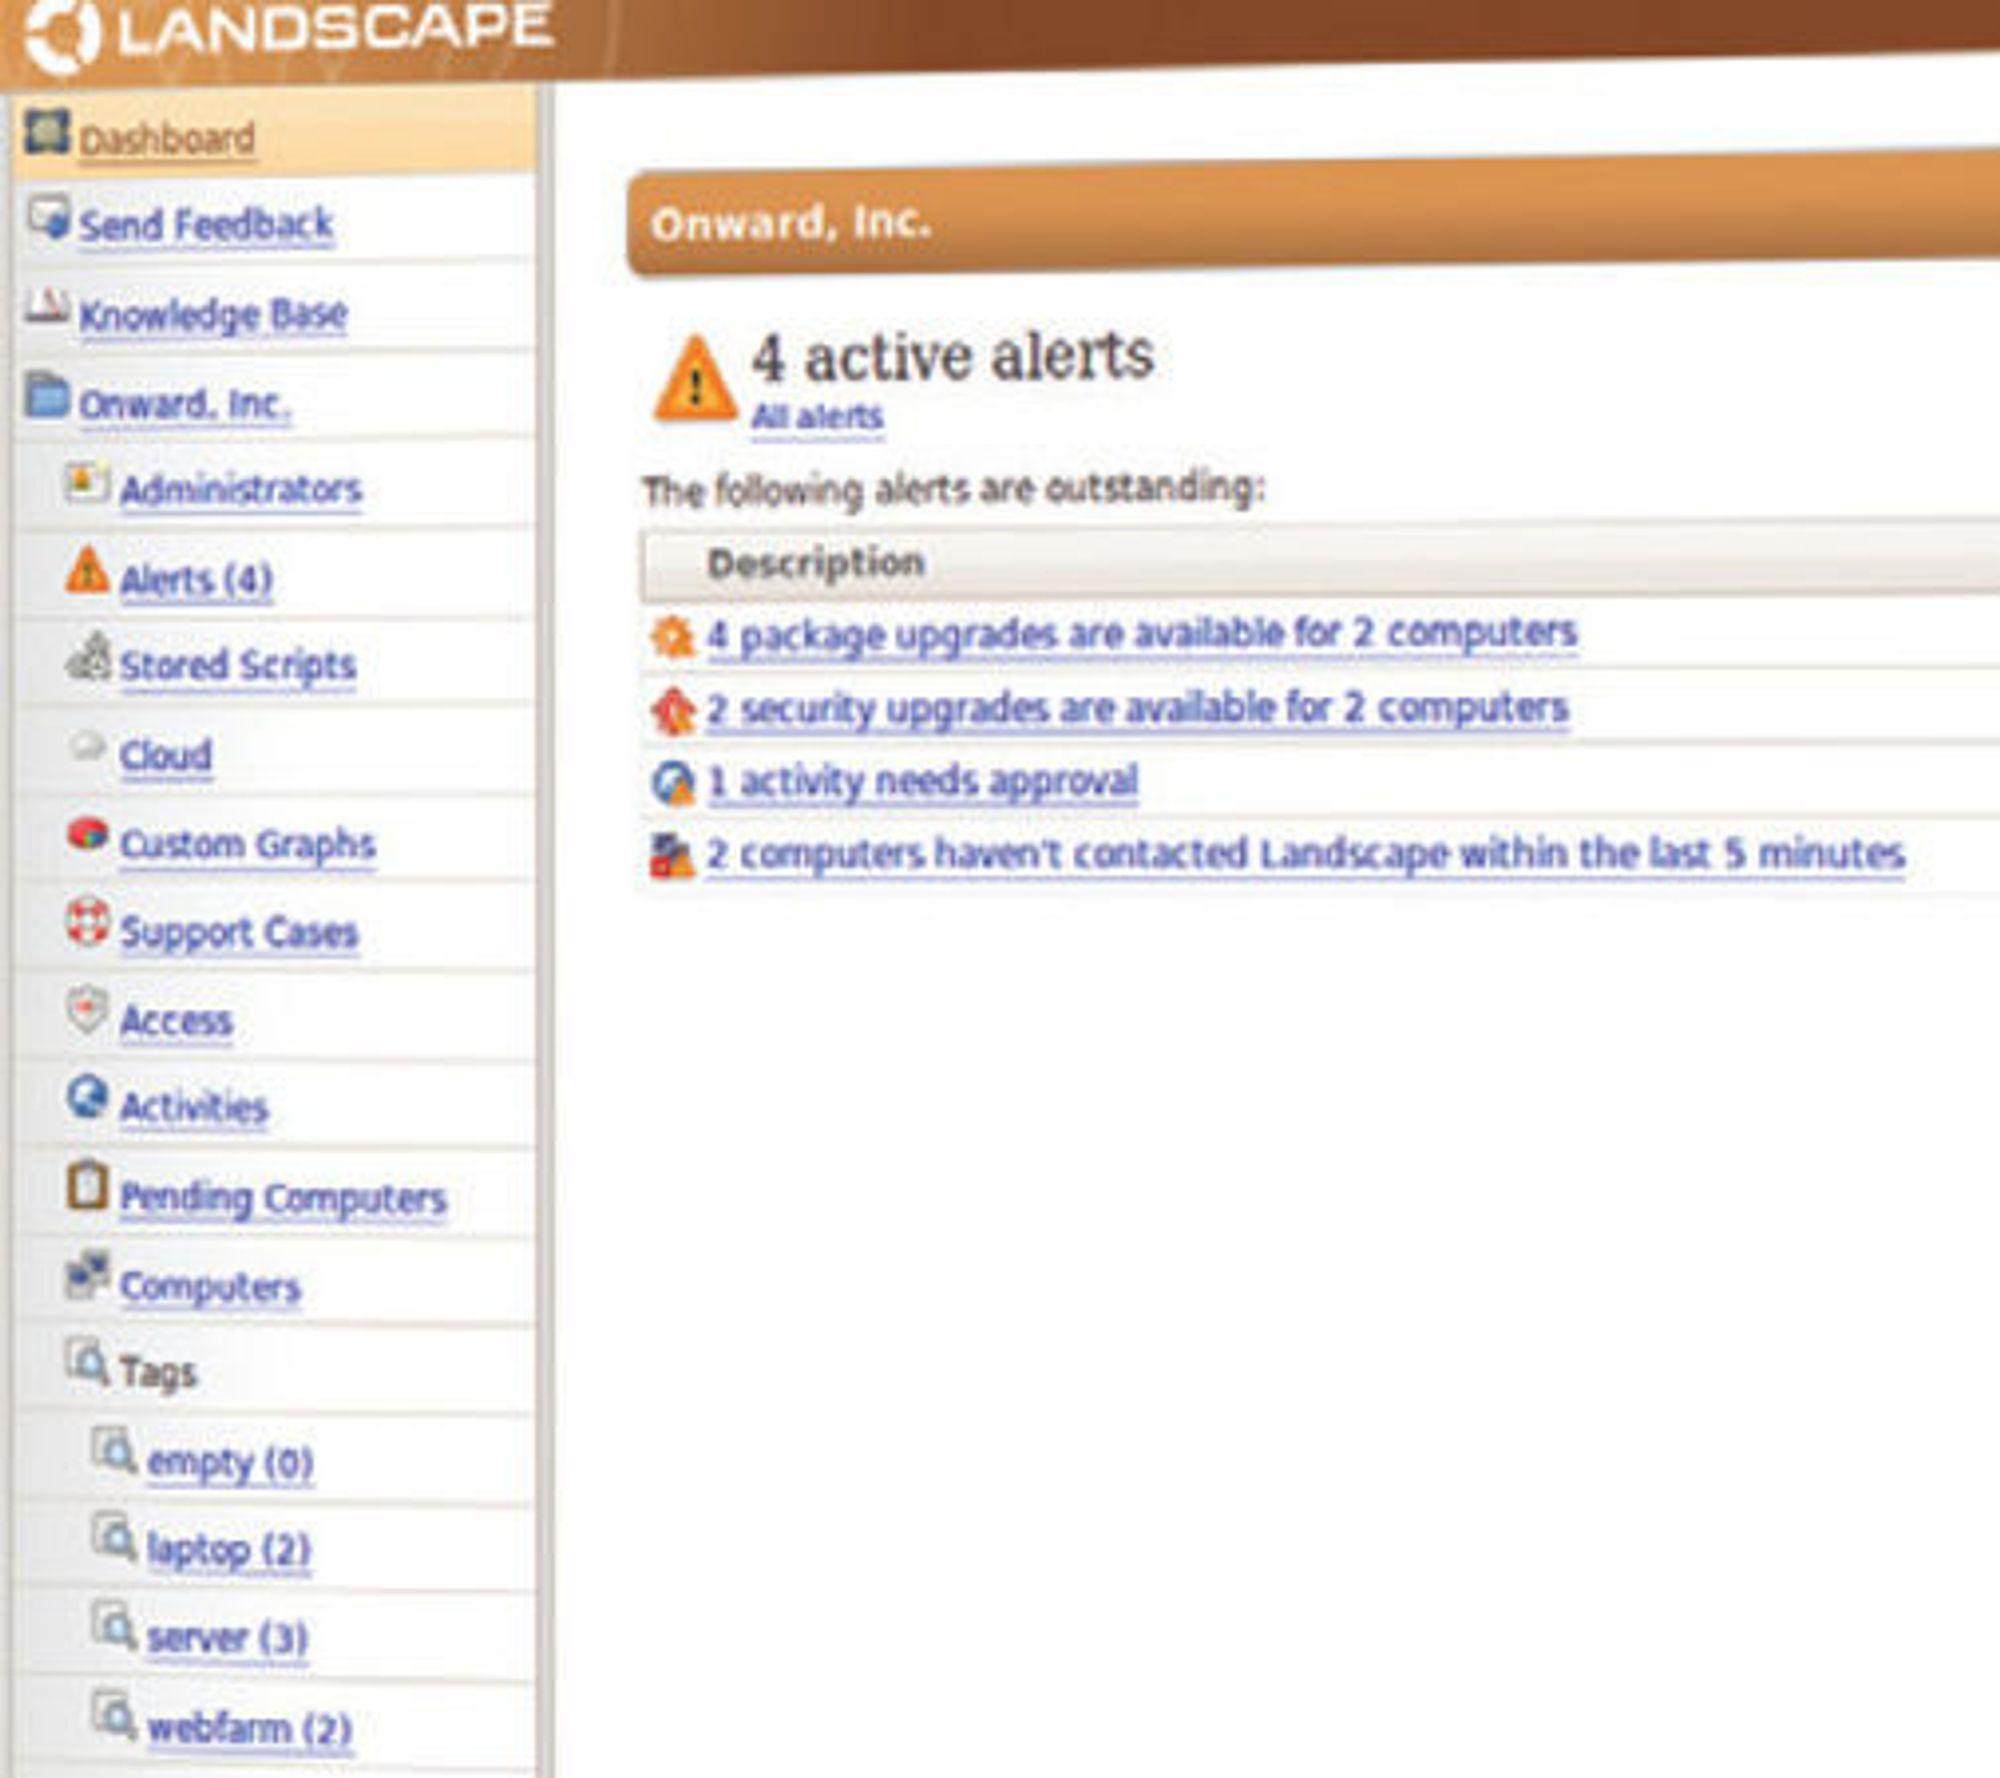 Utsnitt av brukergrensesnittet til Landscape.